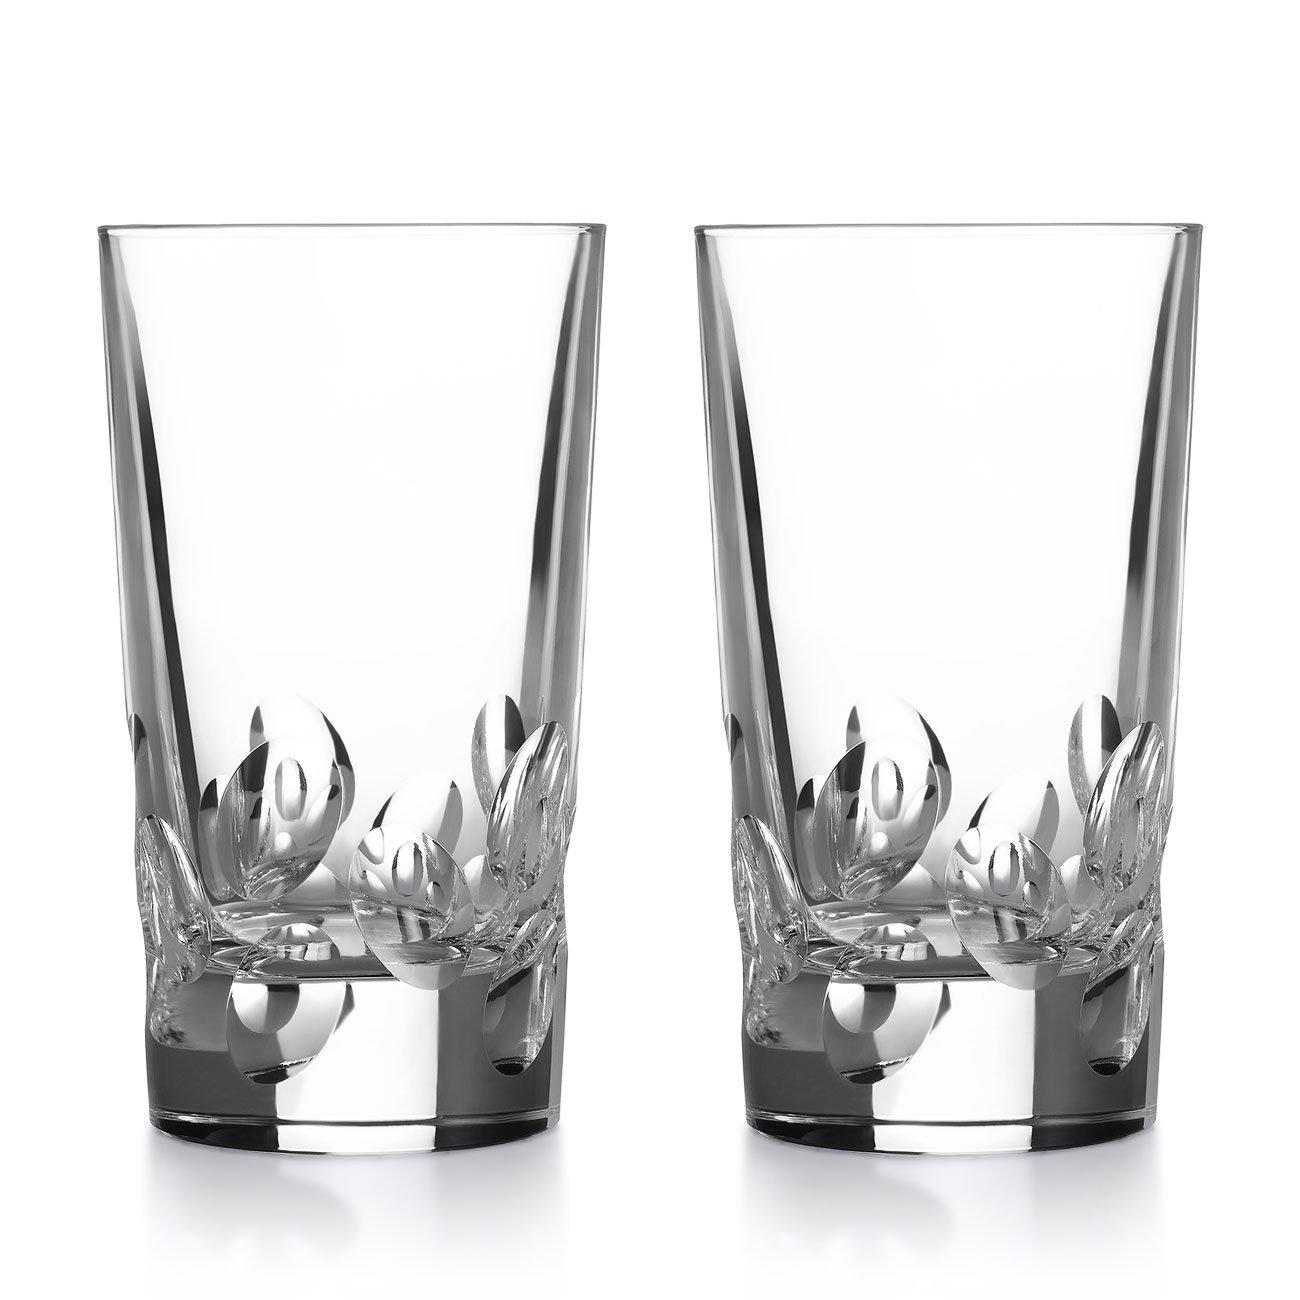 Christofle Cluny Highball Glass, Set of 2